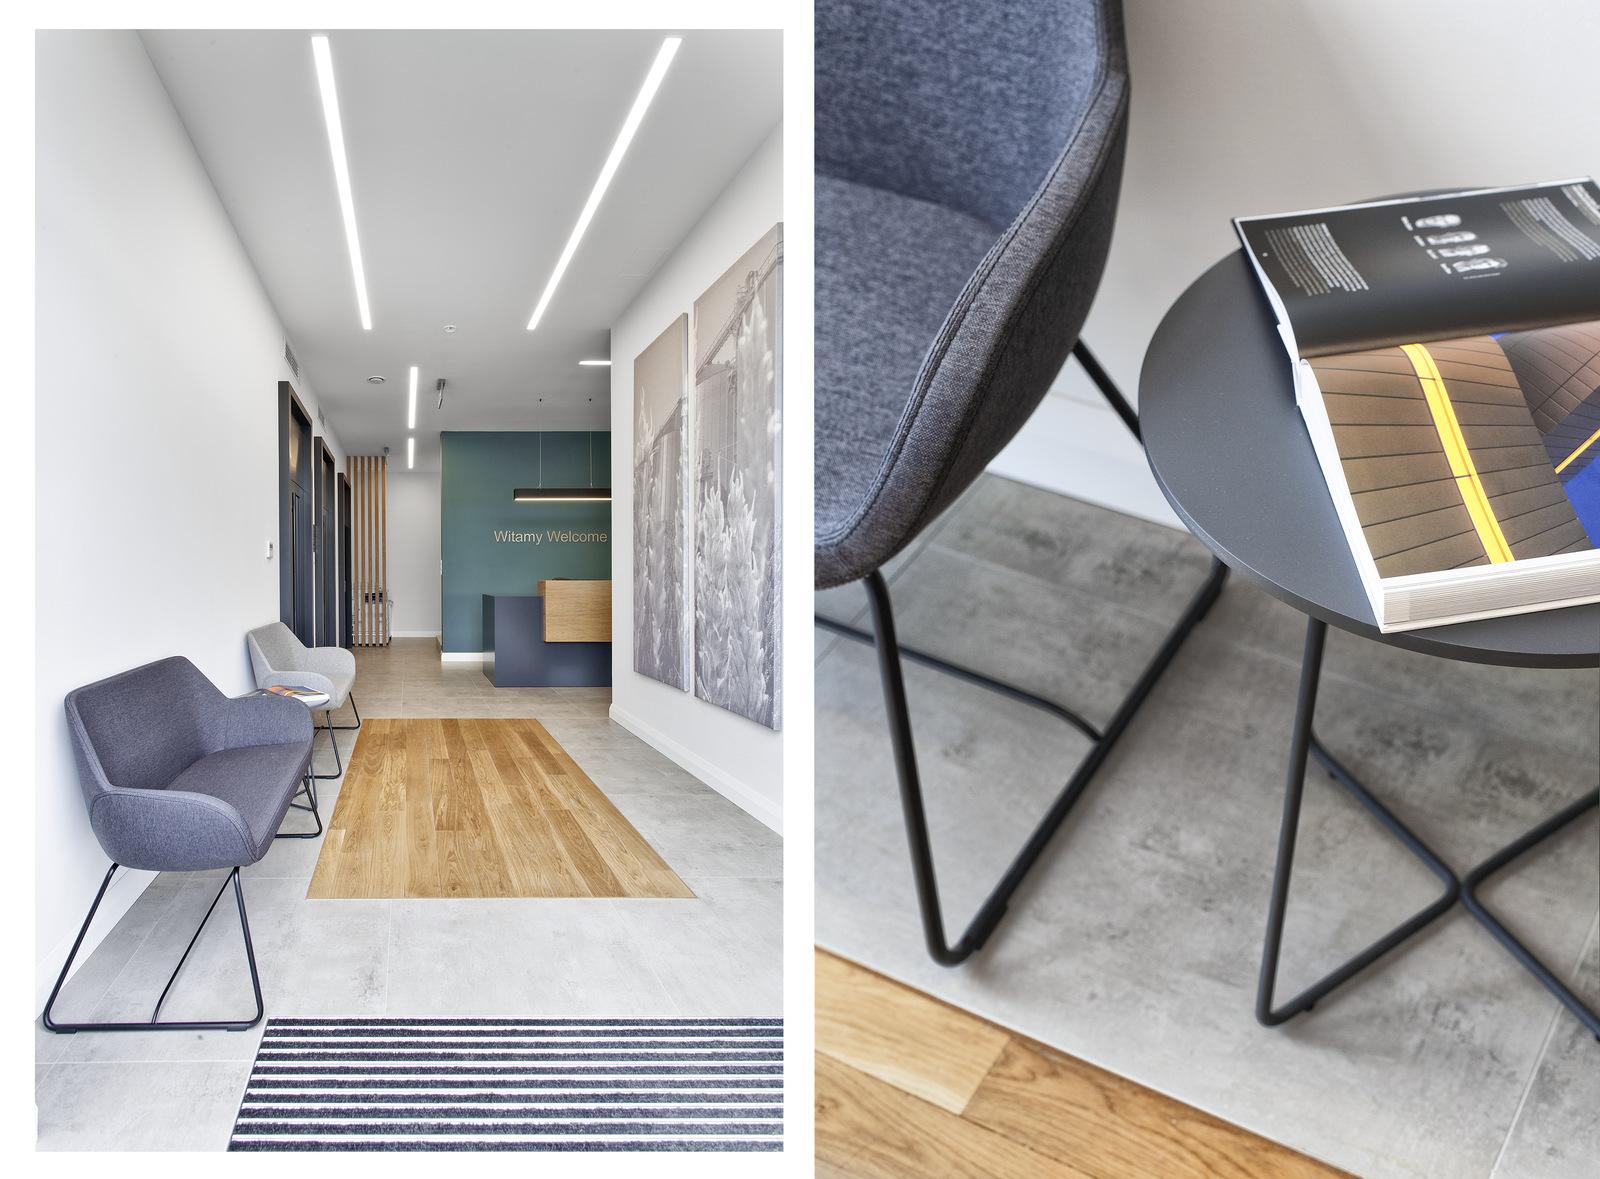 Recepcja i fotele - firma POLNET